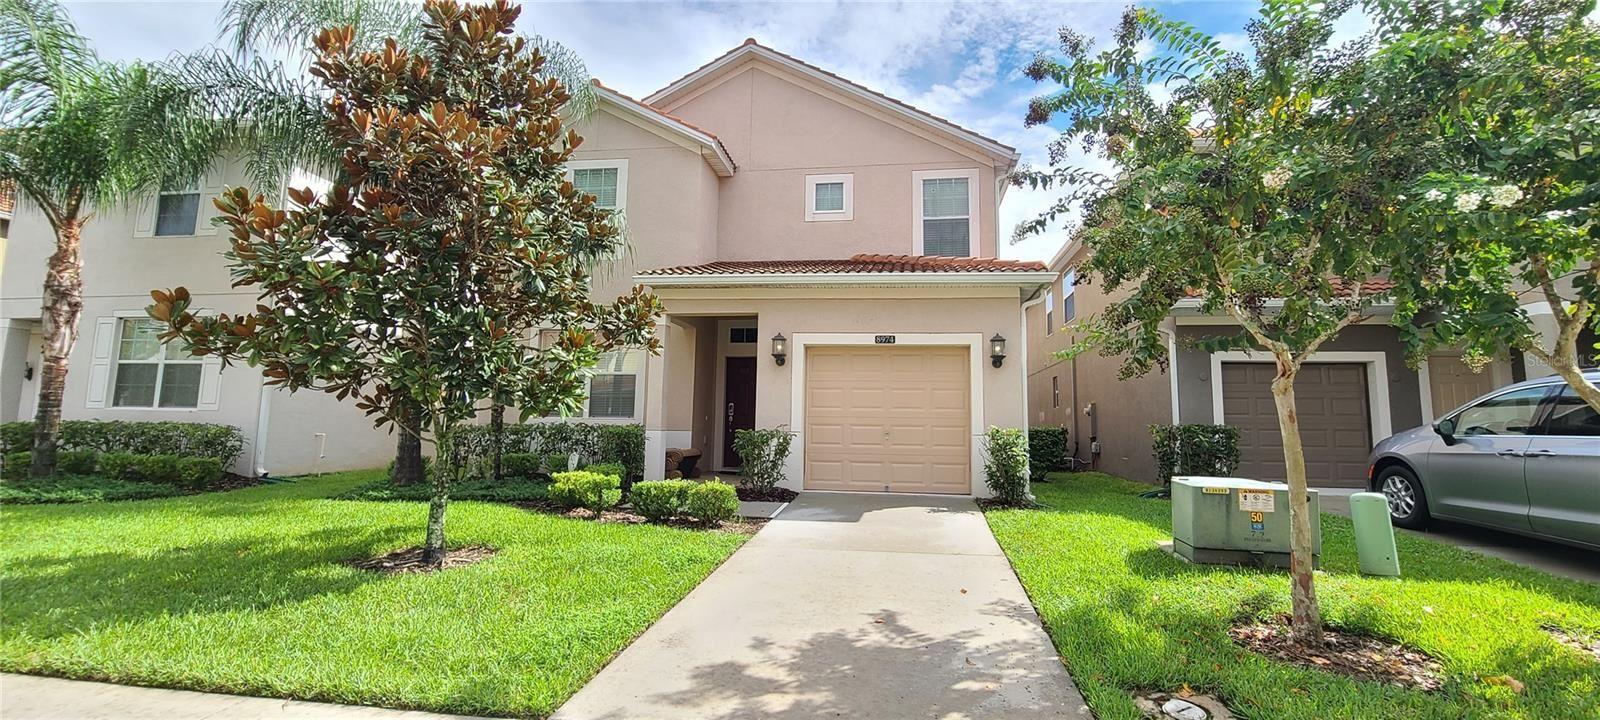 Photo of 8974 BISMARCK PALM ROAD, KISSIMMEE, FL 34747 (MLS # T3330417)